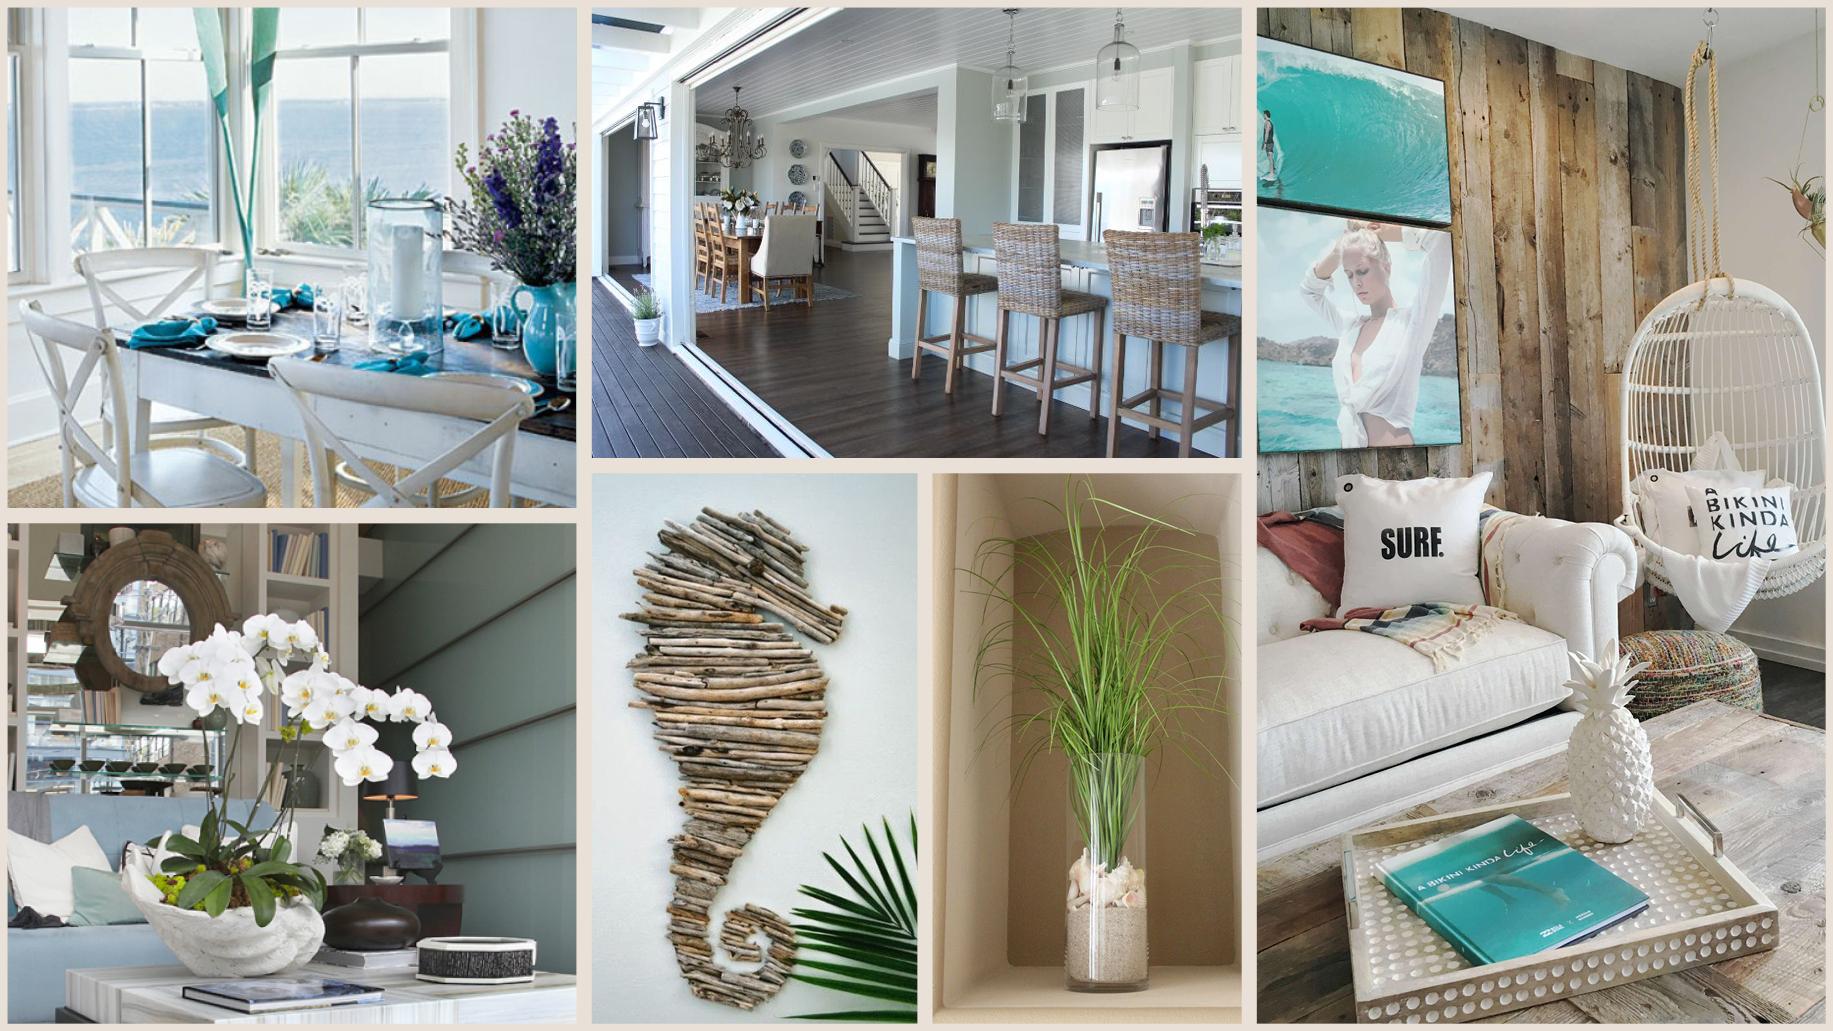 Strand Inrichting Slaapkamer : Strand accessoires slaapkamer ~ referenties op huis ontwerp